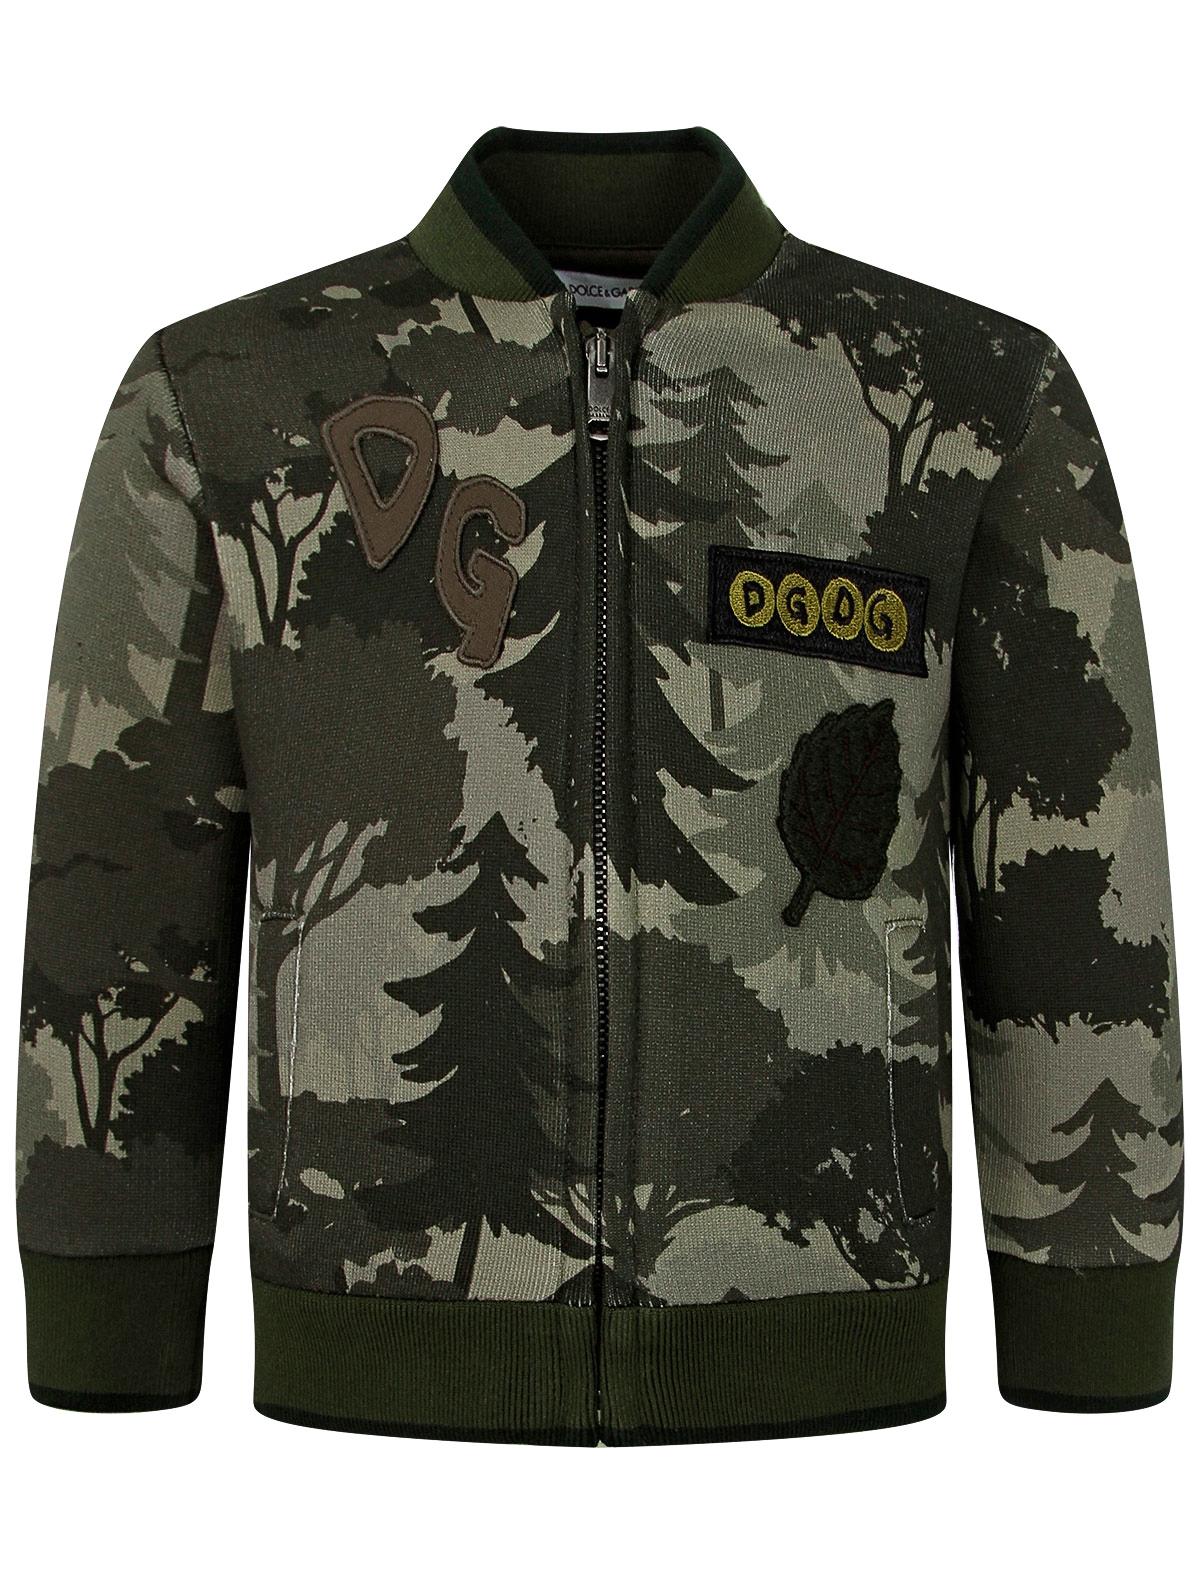 Купить 2264191, Толстовка Dolce & Gabbana, разноцветный, Мужской, 0074519080785